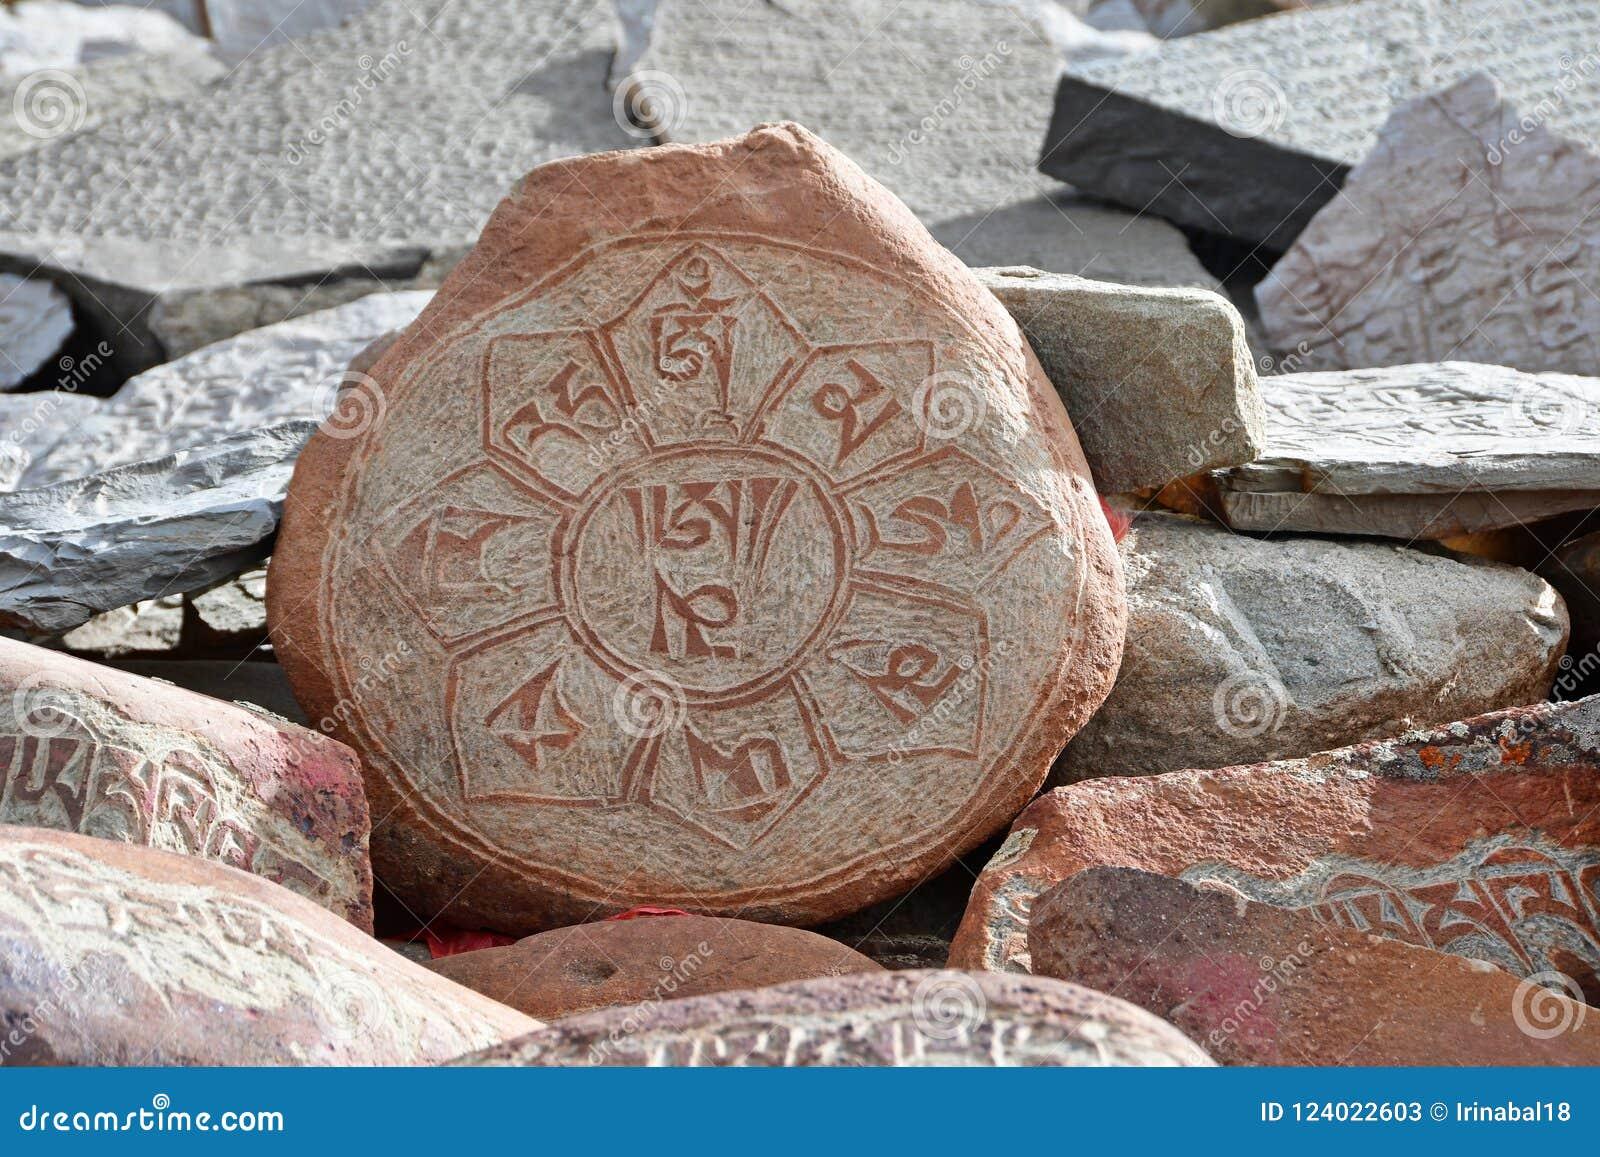 Piedras budistas del rezo con las inscripciones tibetanas y dibujos rituales en el rastro de la ciudad de Dorchen alrededor del m